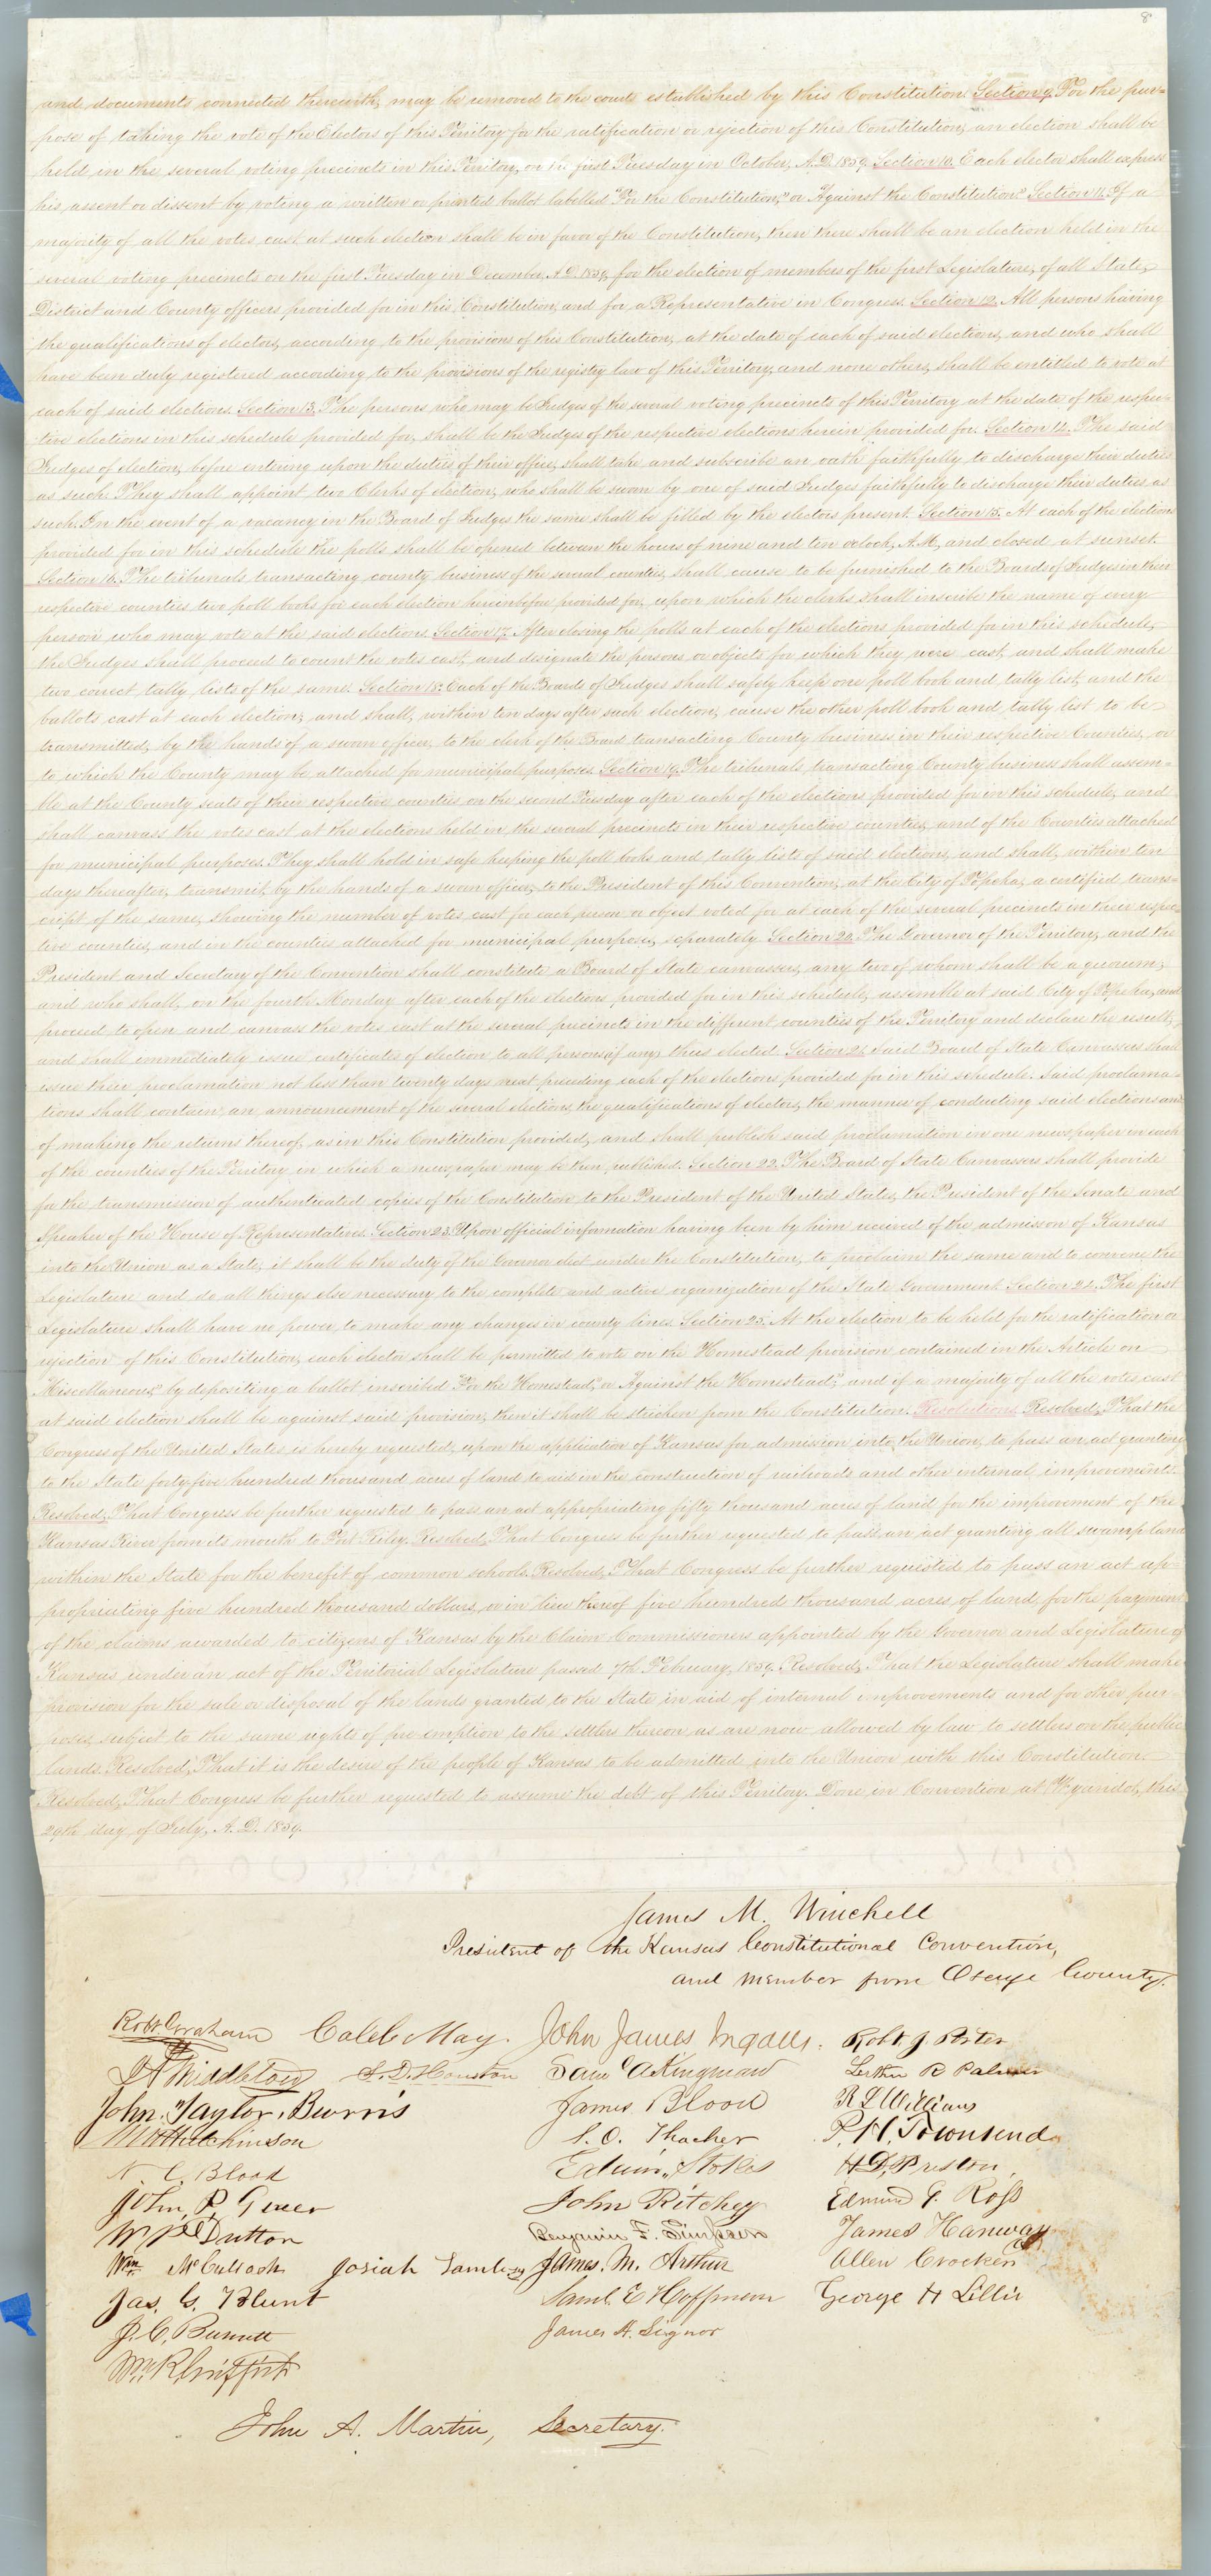 Wyandotte Constitution - 8